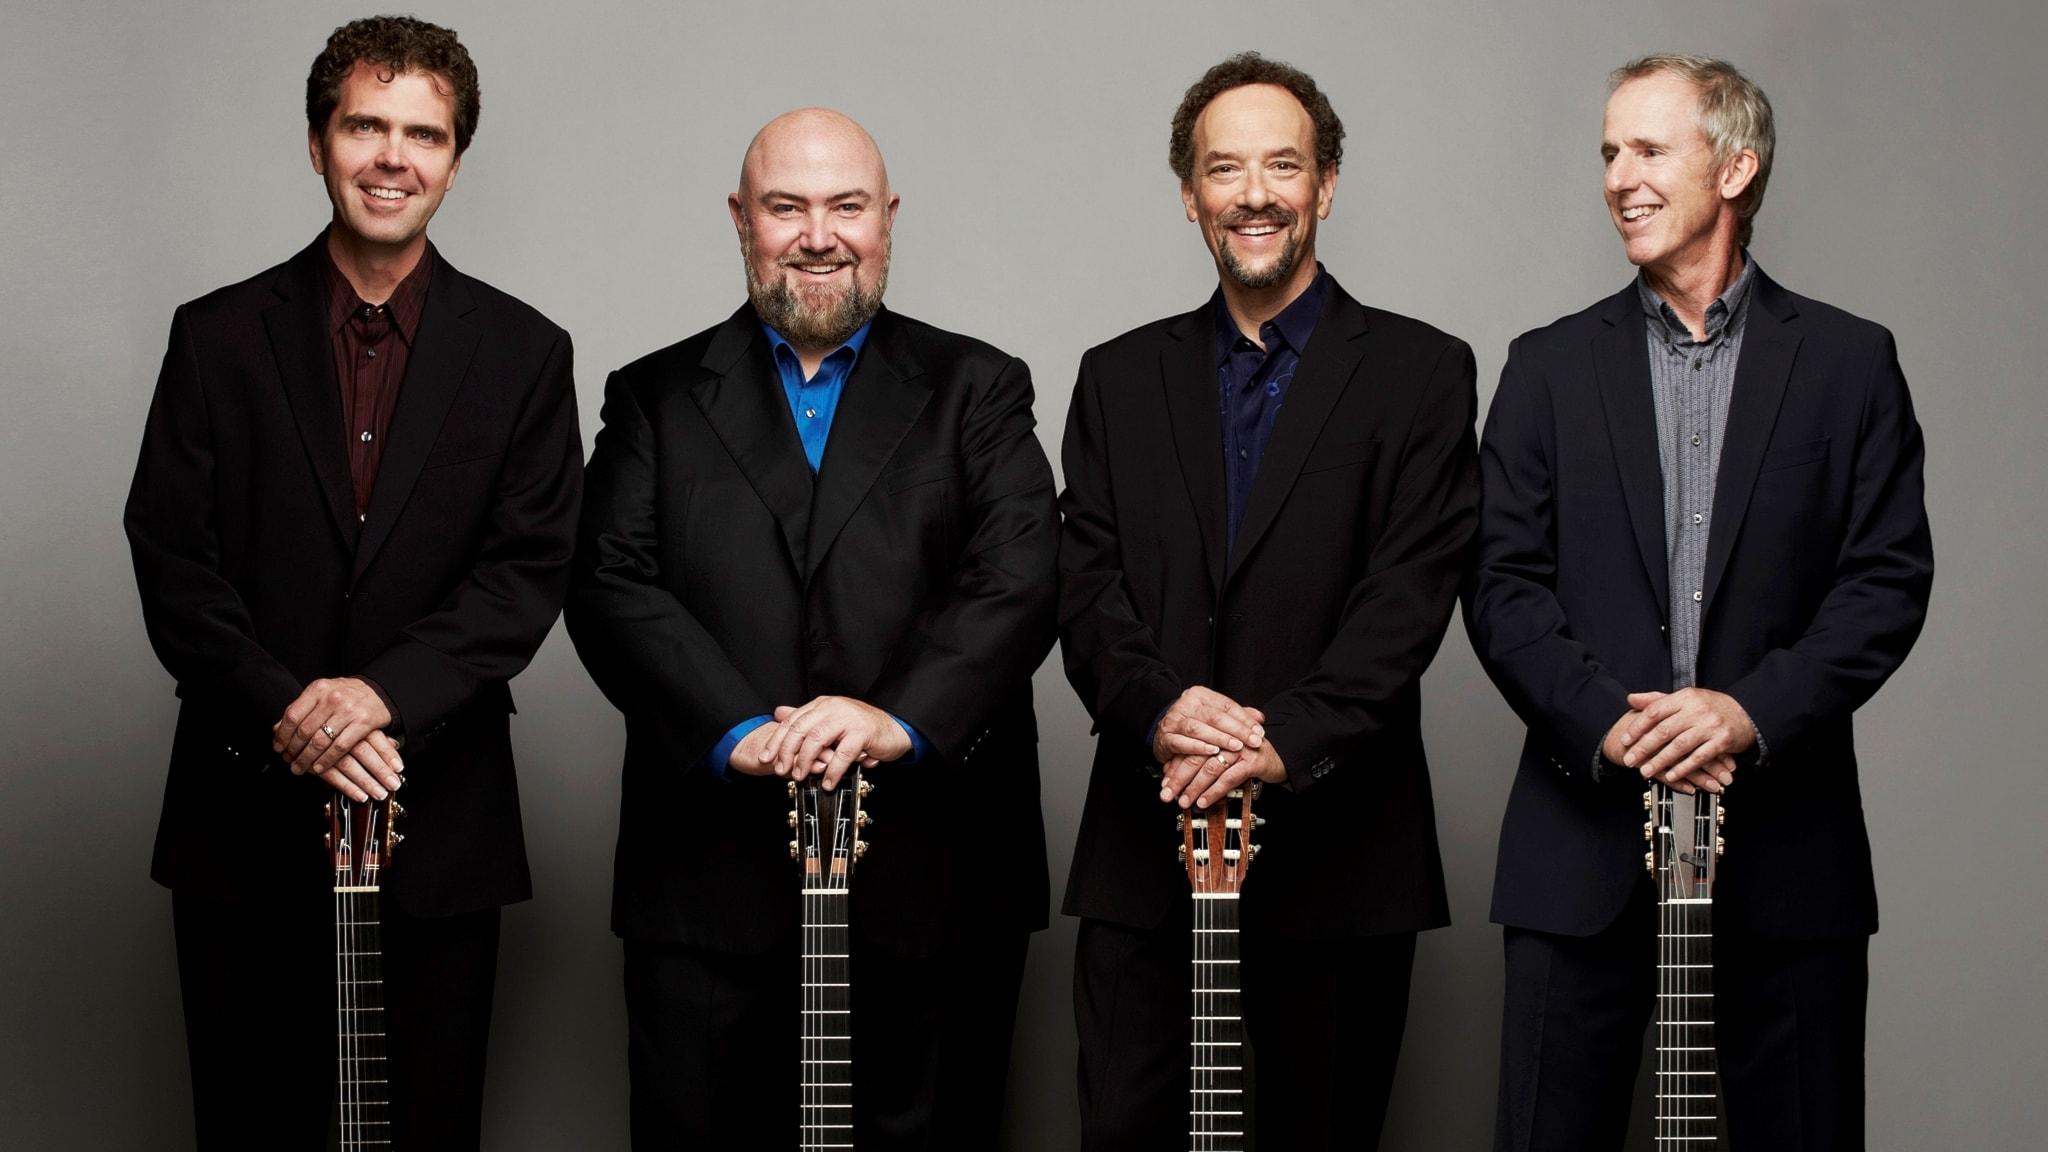 KONSERT: Orgelfestival i Stockholm och Los Angeles Guitar Quartet